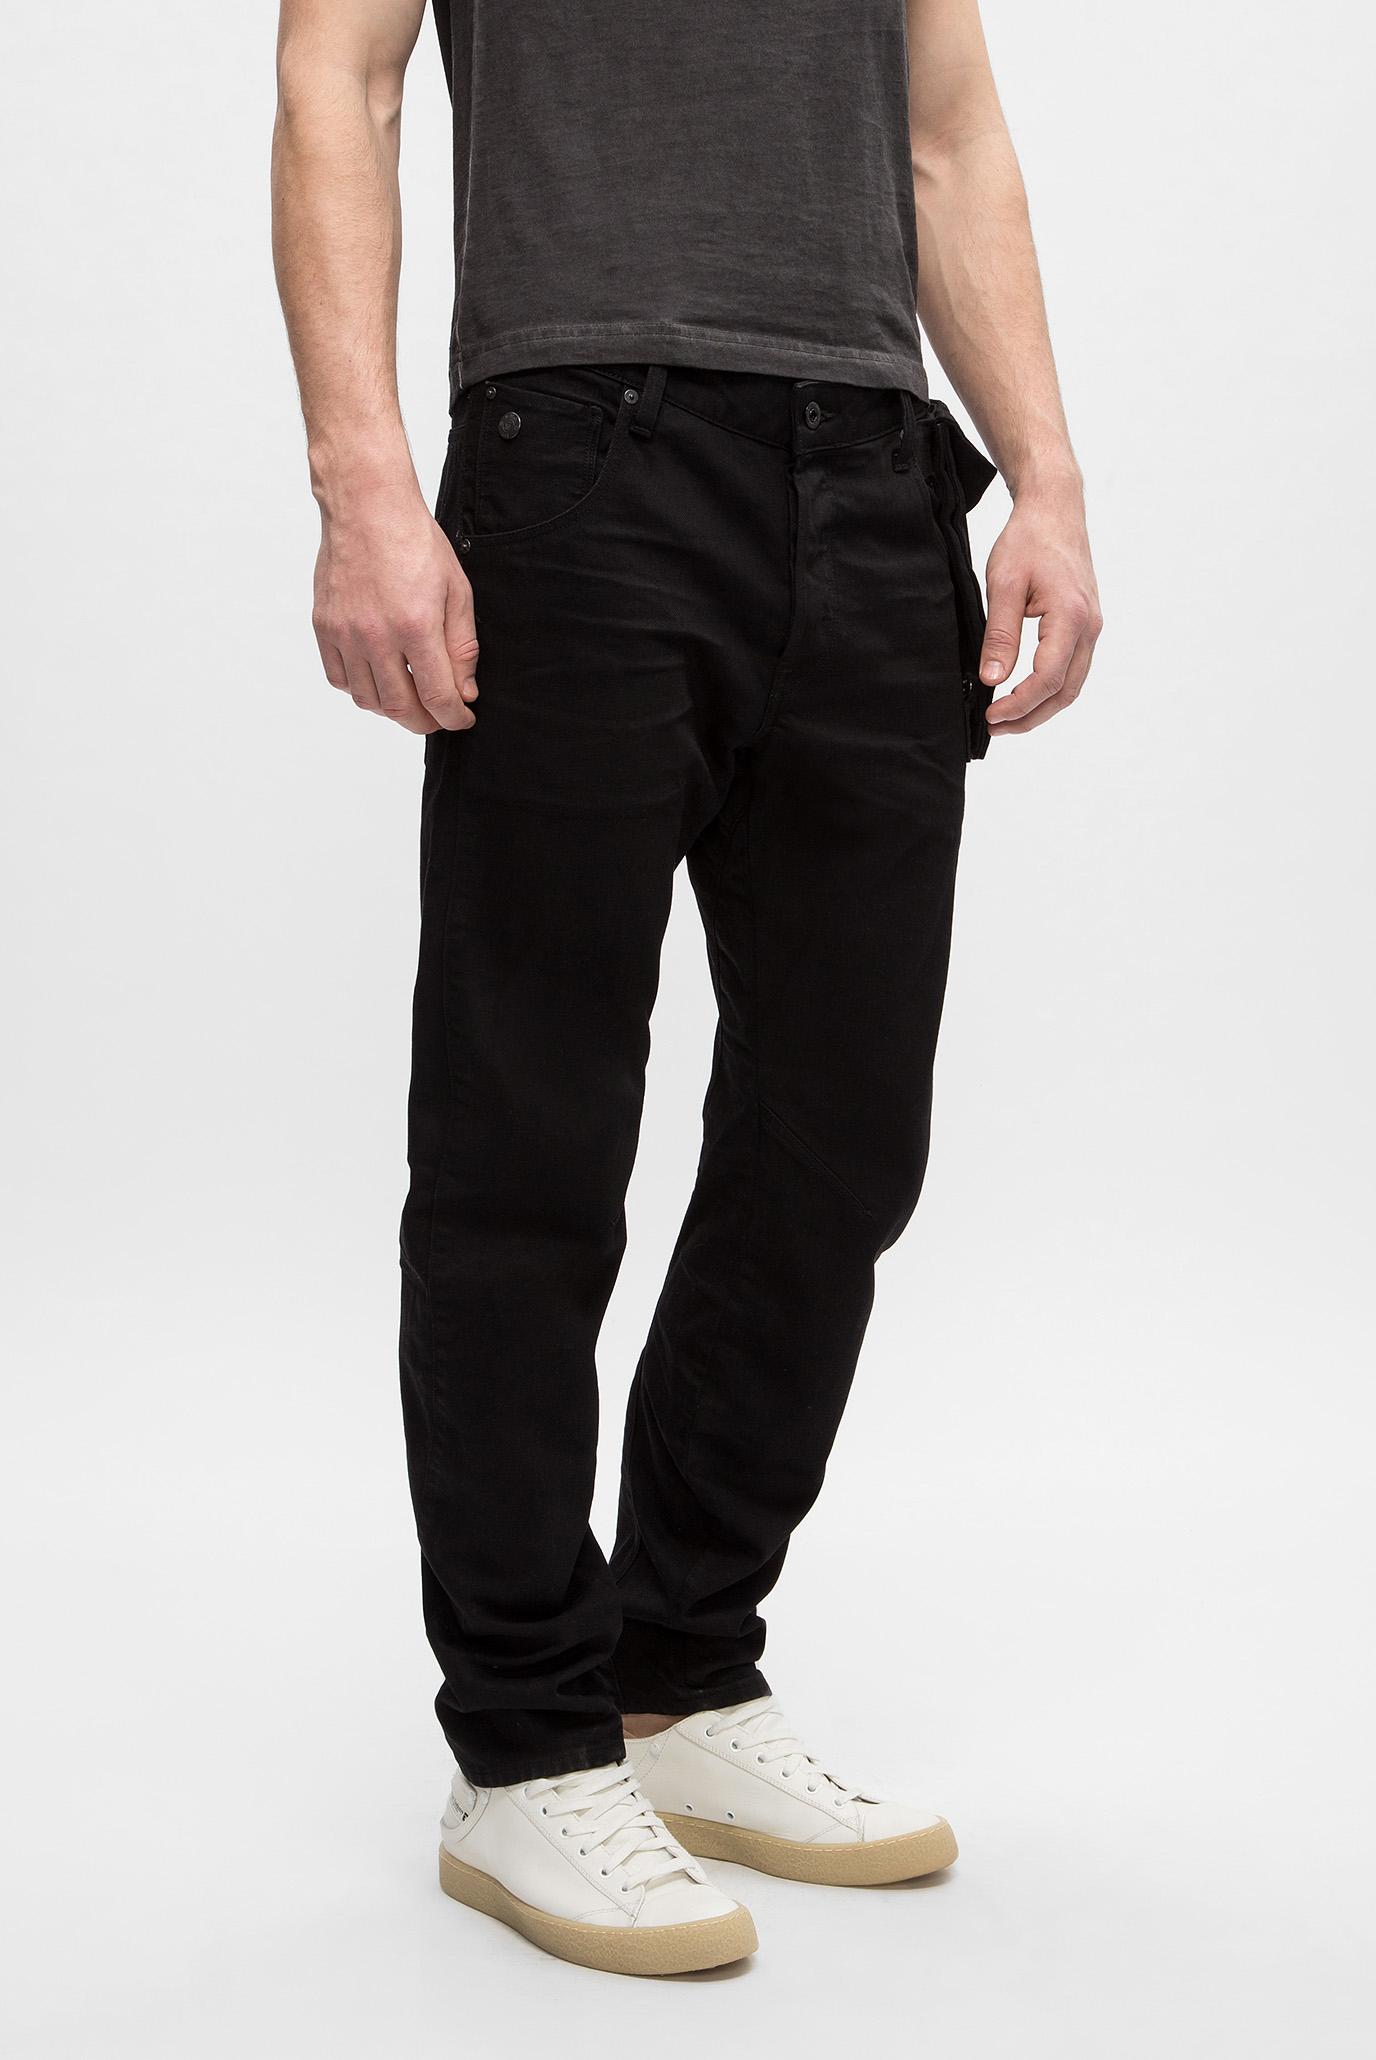 Купить Мужские черные джинсы Type C 3D Straight aux G-Star RAW G-Star RAW D06834,9409 – Киев, Украина. Цены в интернет магазине MD Fashion